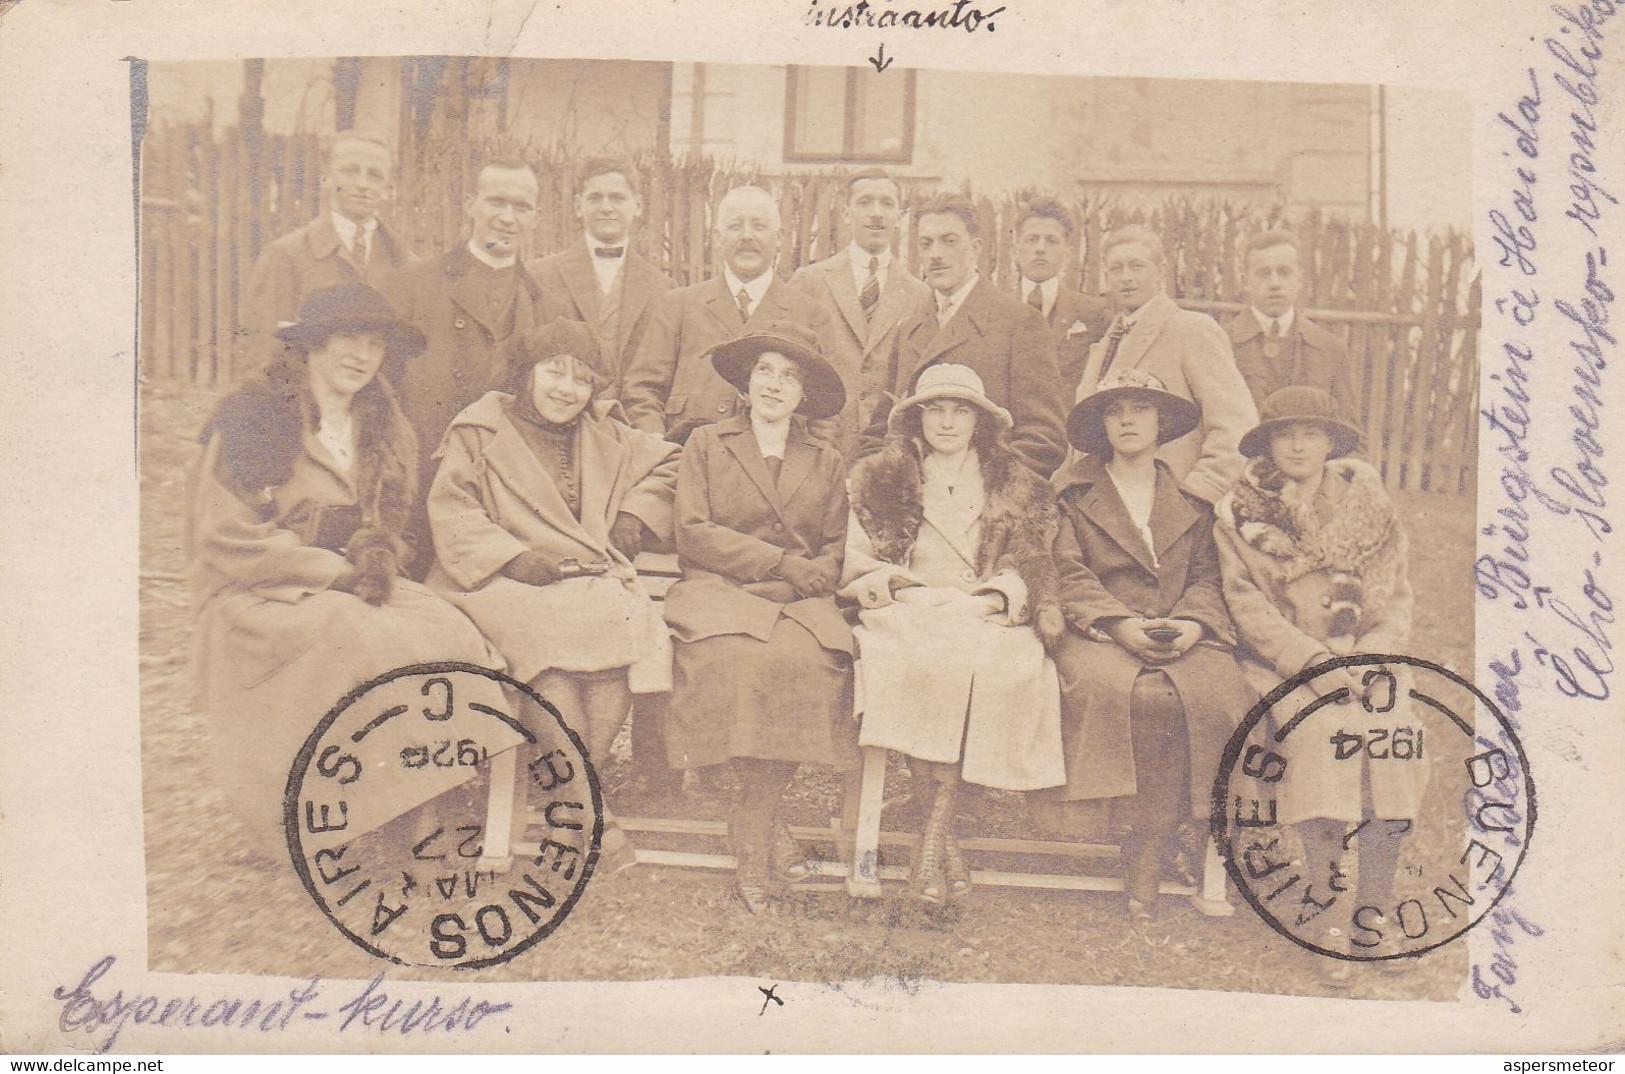 ESPERANTO. ESPERANT-KURSO, COURS ESPÉRANT. RÉPUBLIQUE SLOVAQUE, CARTE POSTALE. CIRCULEE ANNEE 1924.- LILHU - Esperanto